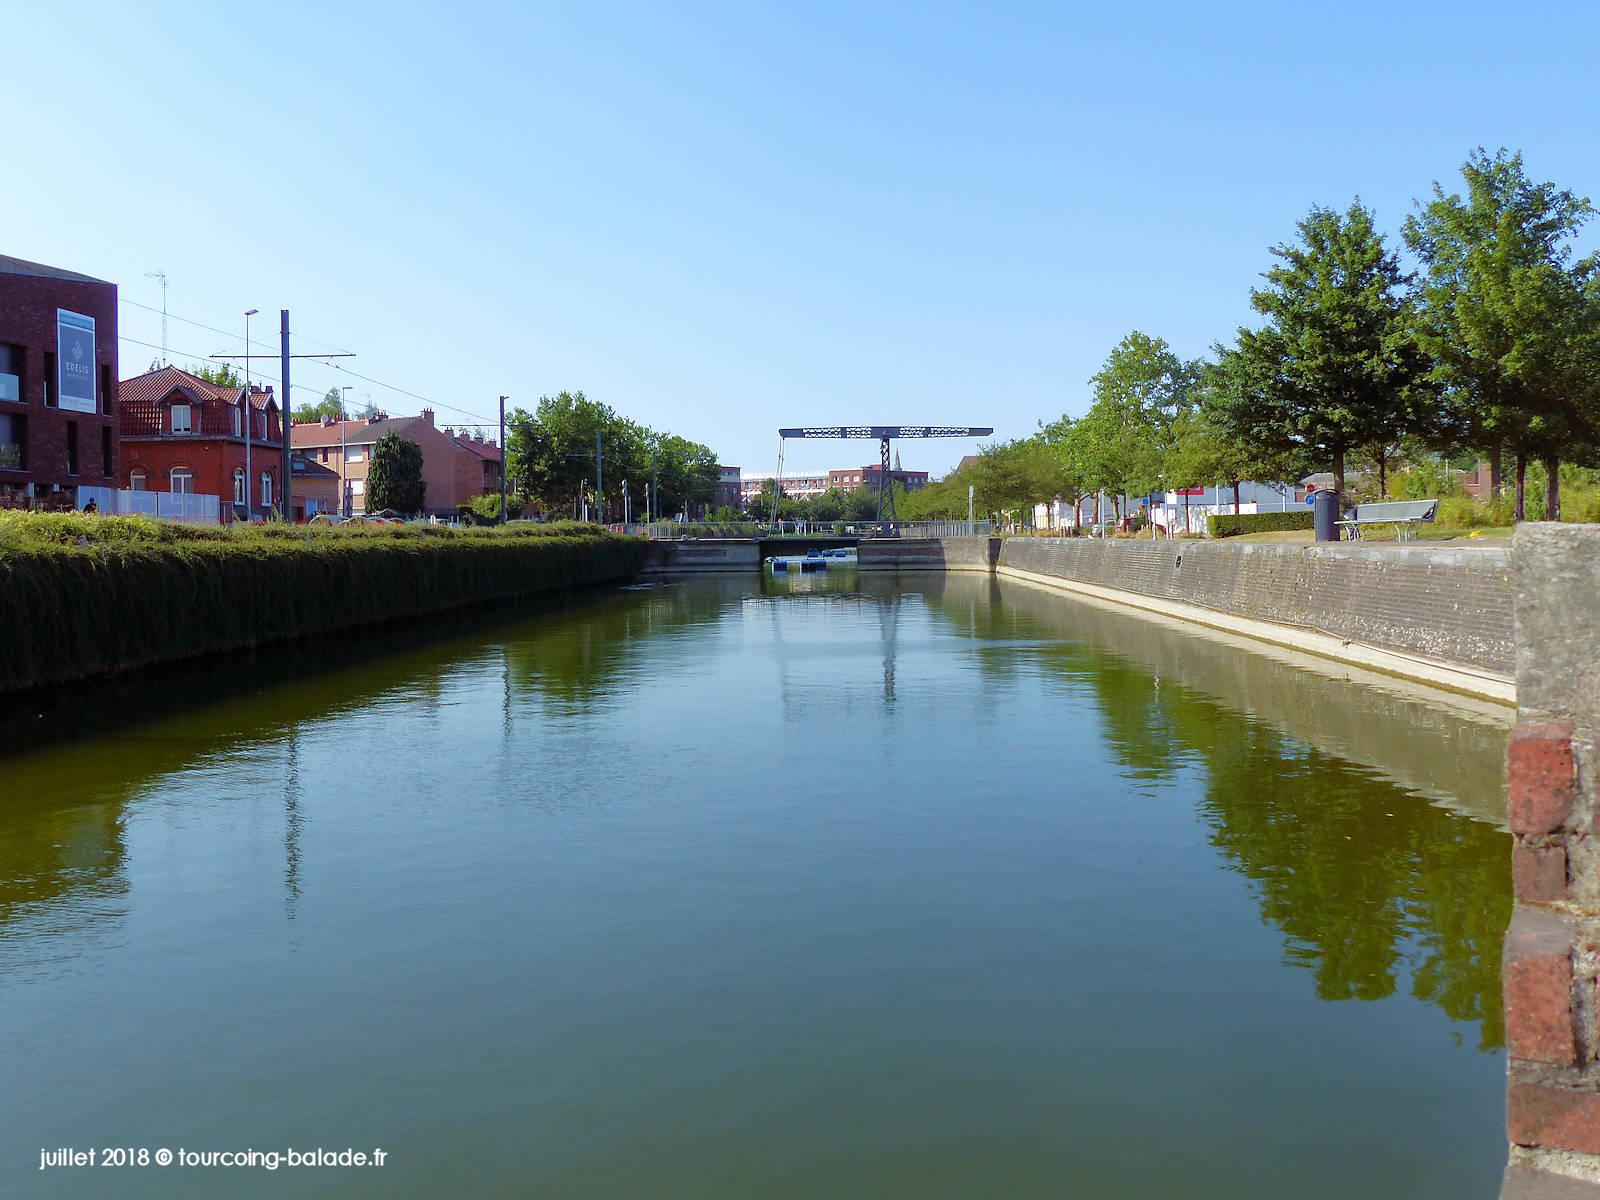 Canal de Tourcoing, Pont de l'Espierre, 2018